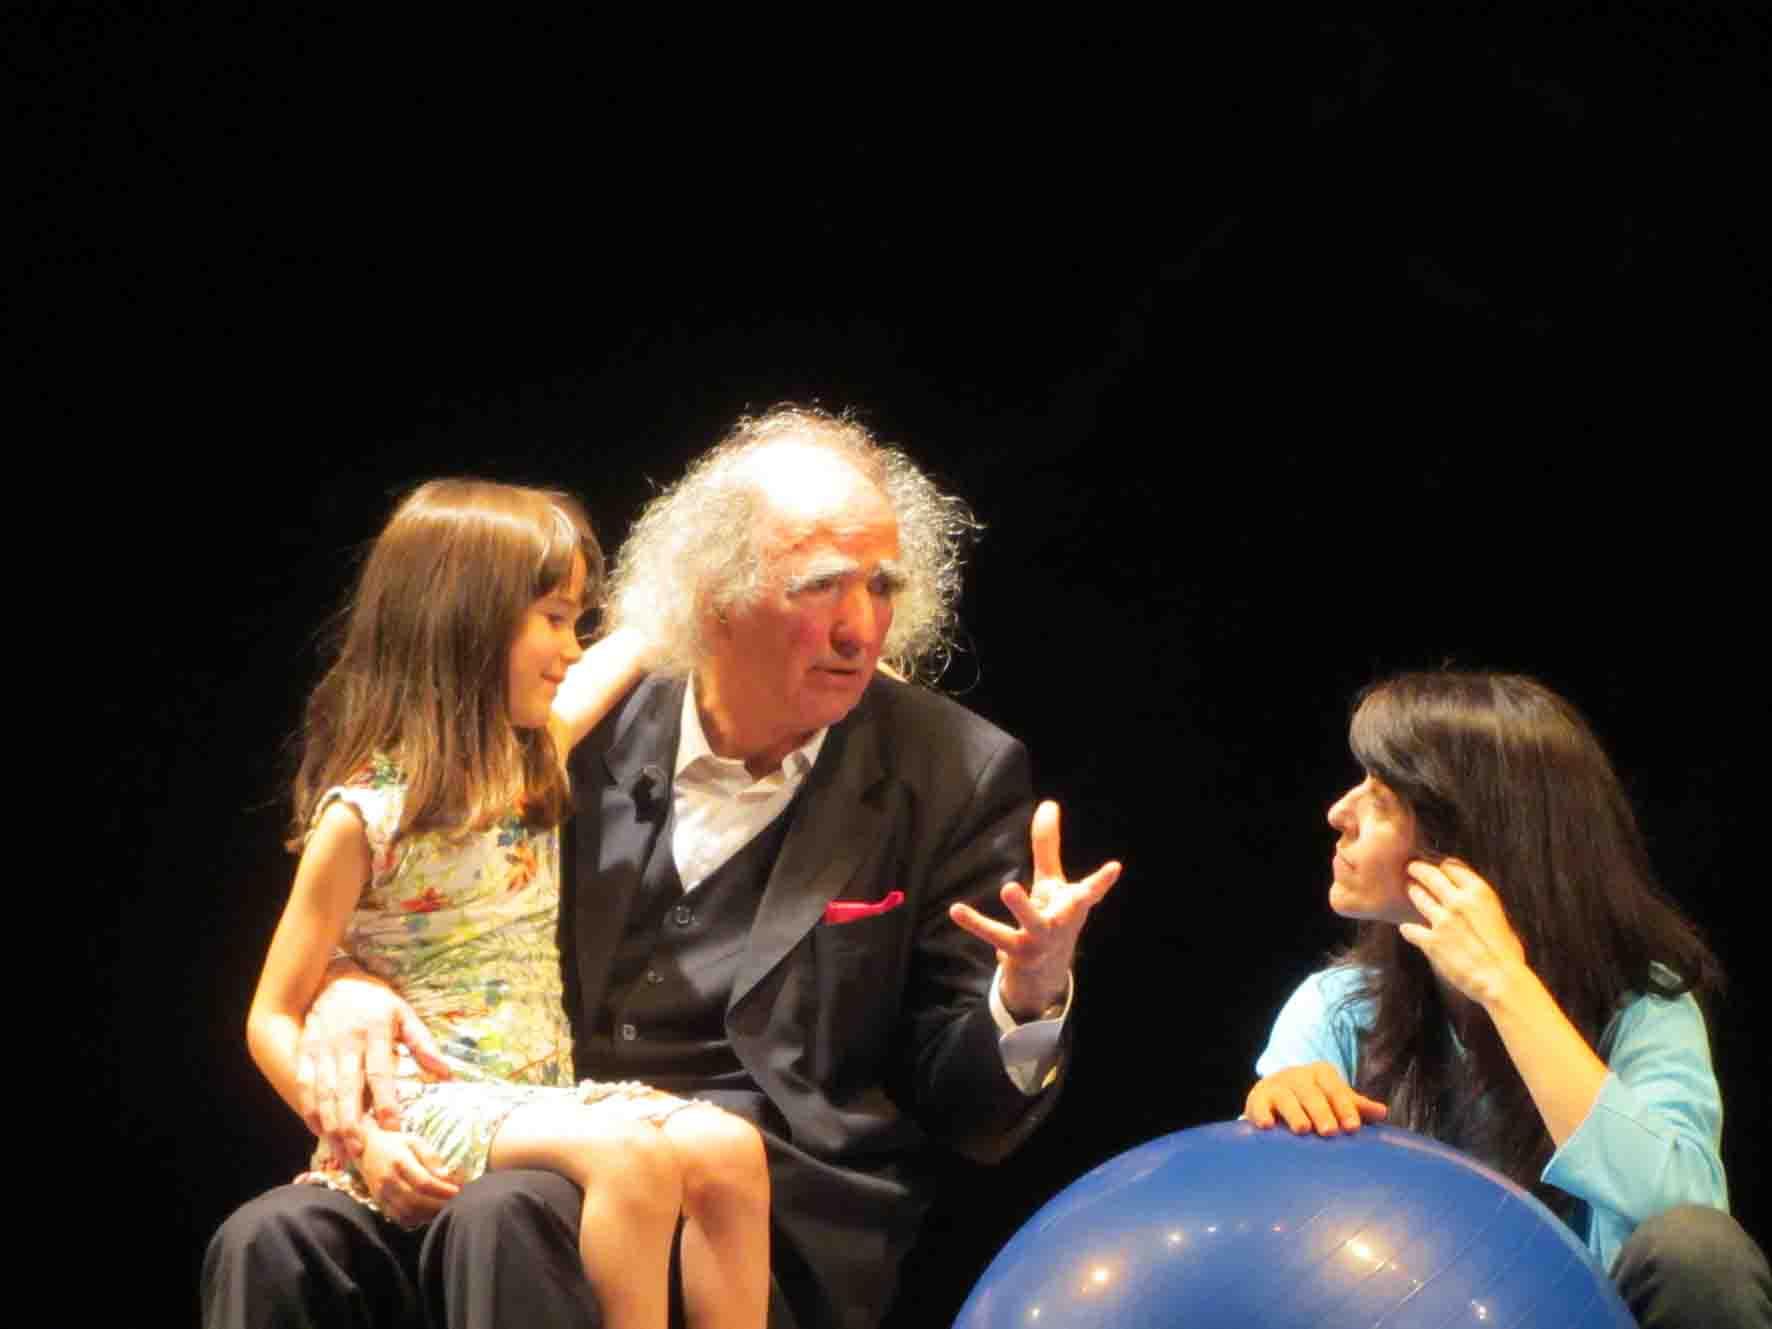 L'ISOLA CHE NON C'E' regia Ivana Ferri nella foto Vittorino Andreoli con Patrizia Pozzi e la piccola